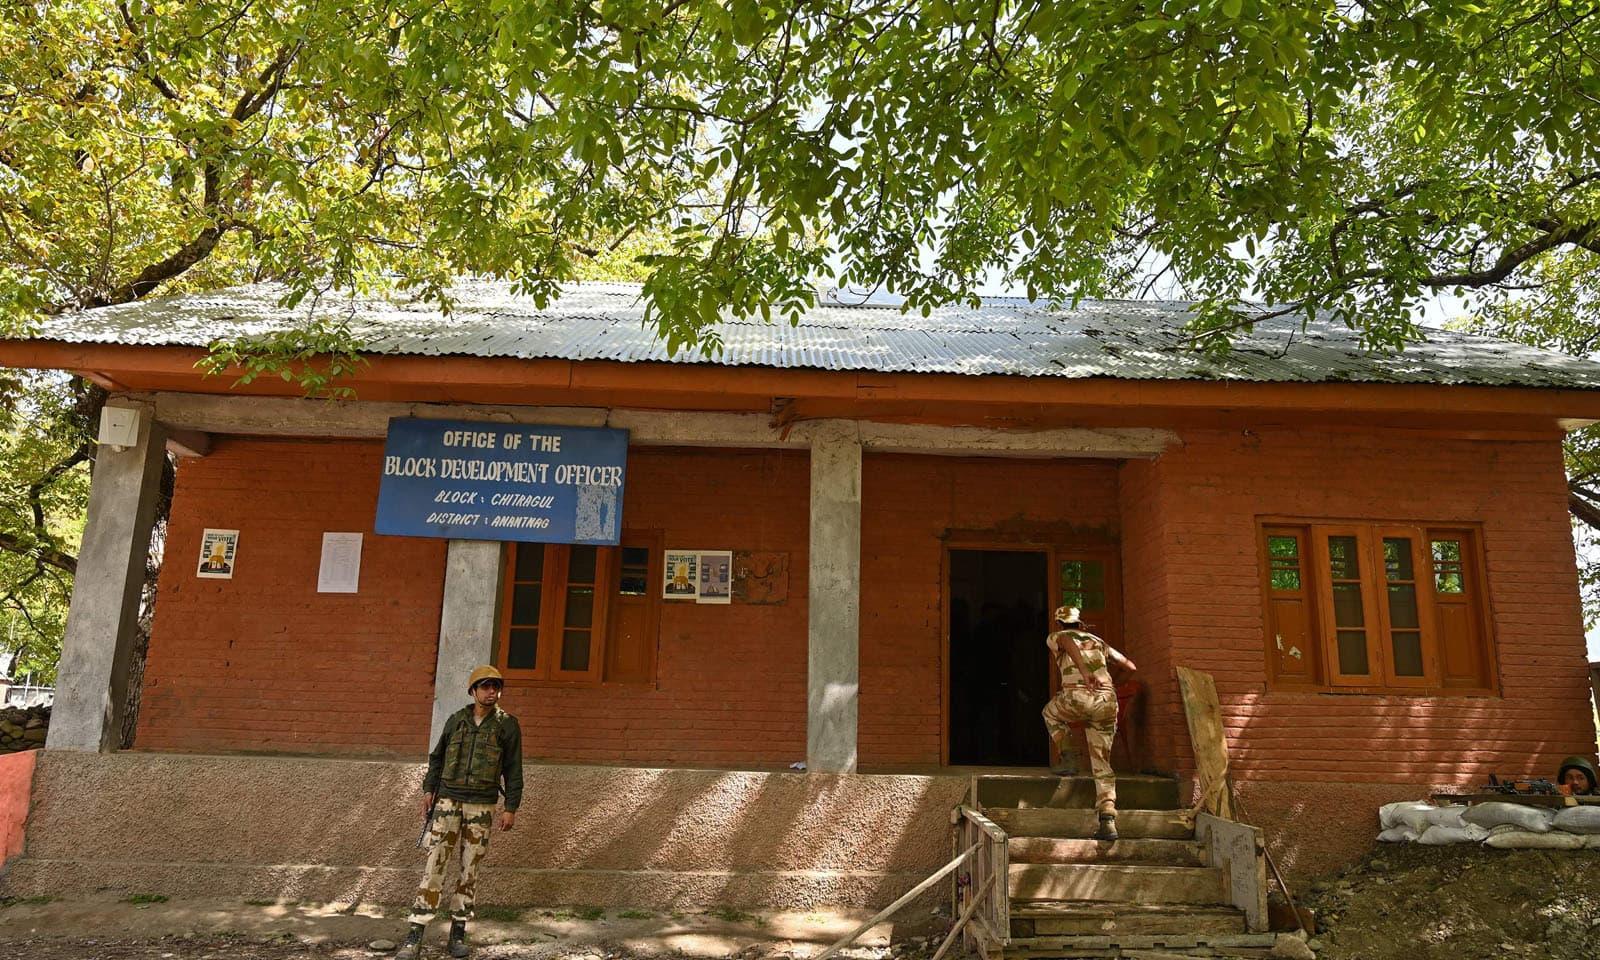 جنوبی سری نگر میں پولنگ اسٹیشن کو سخت سیکیورٹی کے ساتھ ووٹنگ کے لیے کھول دیا گیا —فوٹو/ اے ایف پی